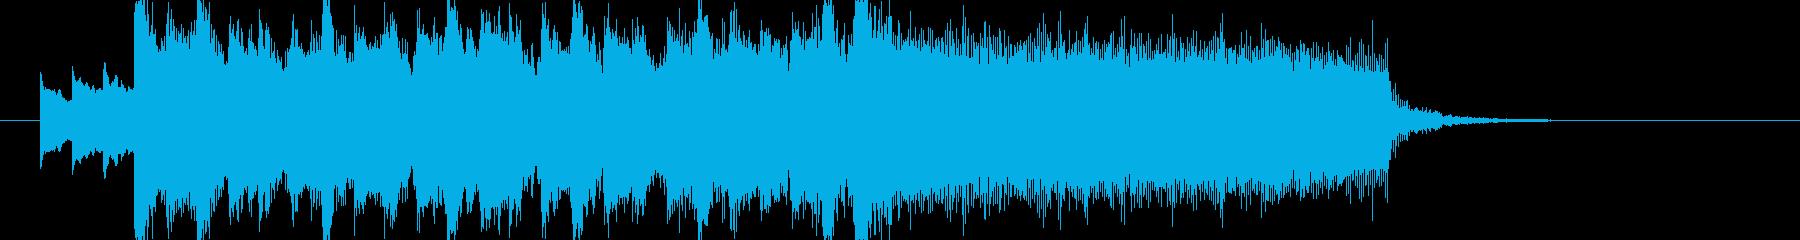 アイドルキラキラポップ4つ打ちジングルaの再生済みの波形